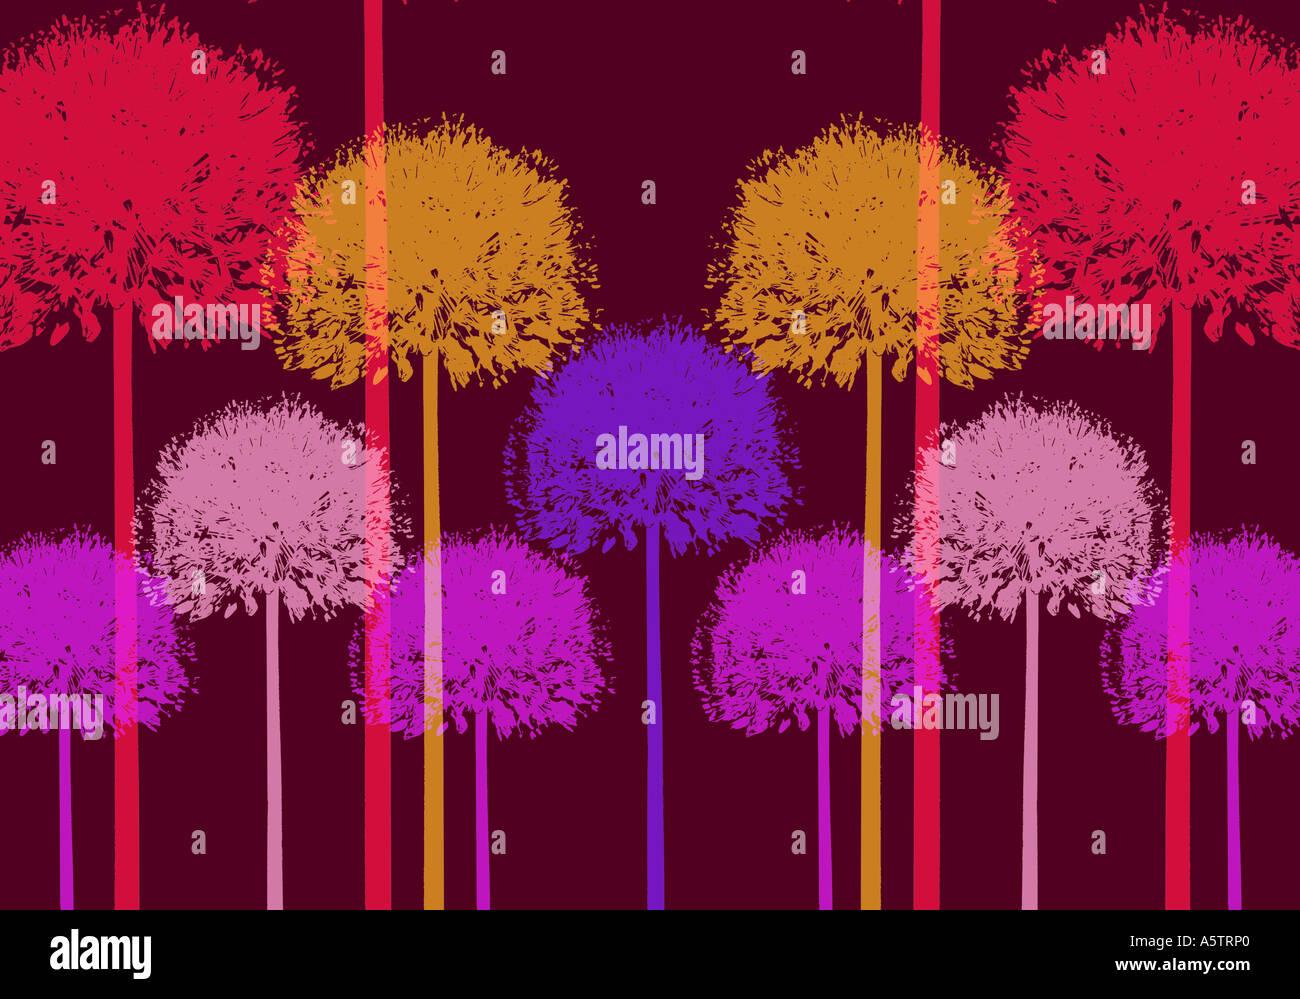 Schema grafico - Allium illustrazione Immagini Stock